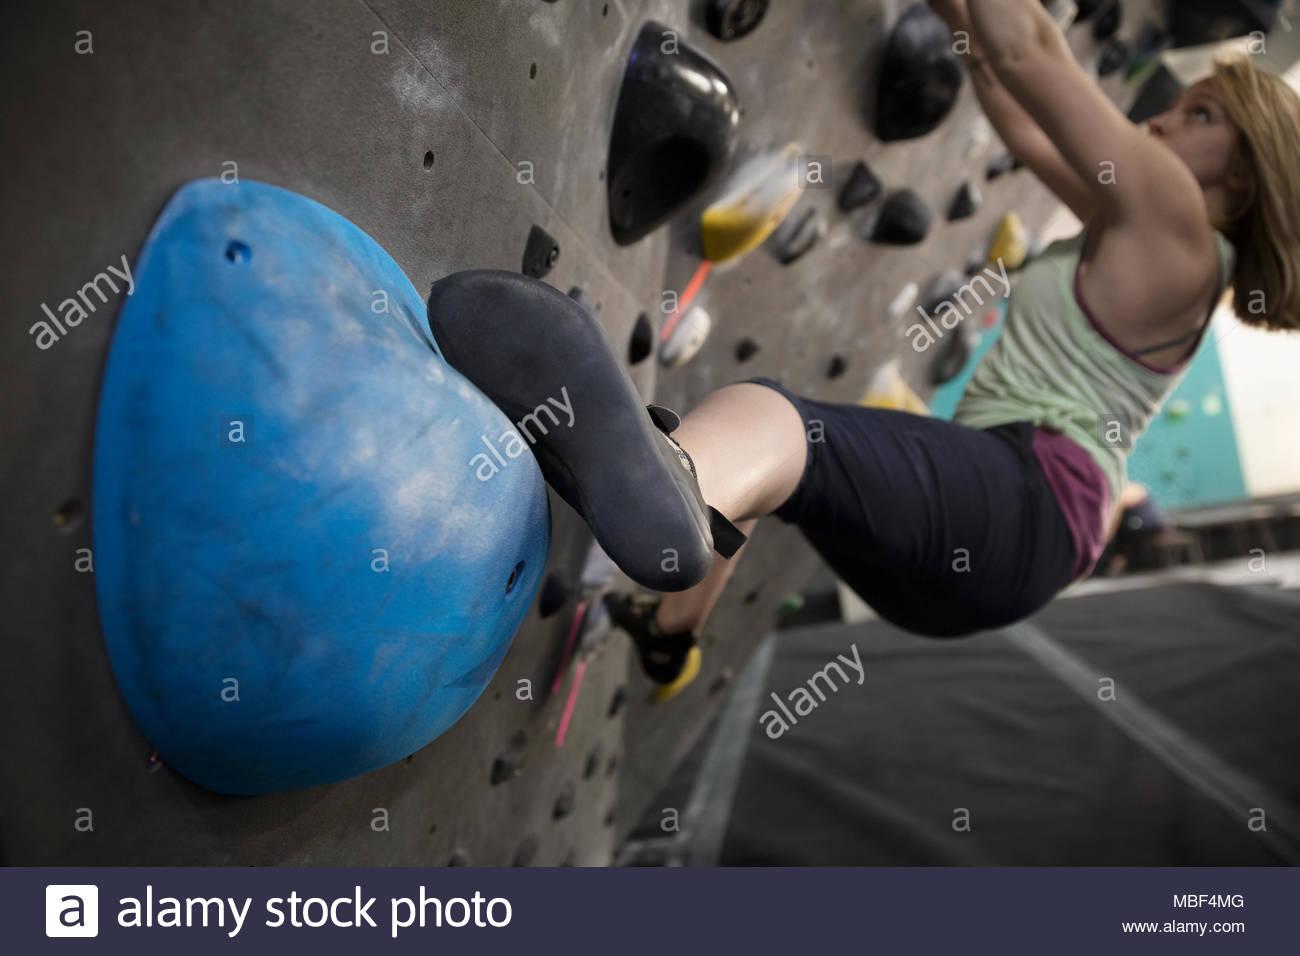 Déterminé, rigoureux female rock climber mur d'escalade en salle d'escalade Photo Stock